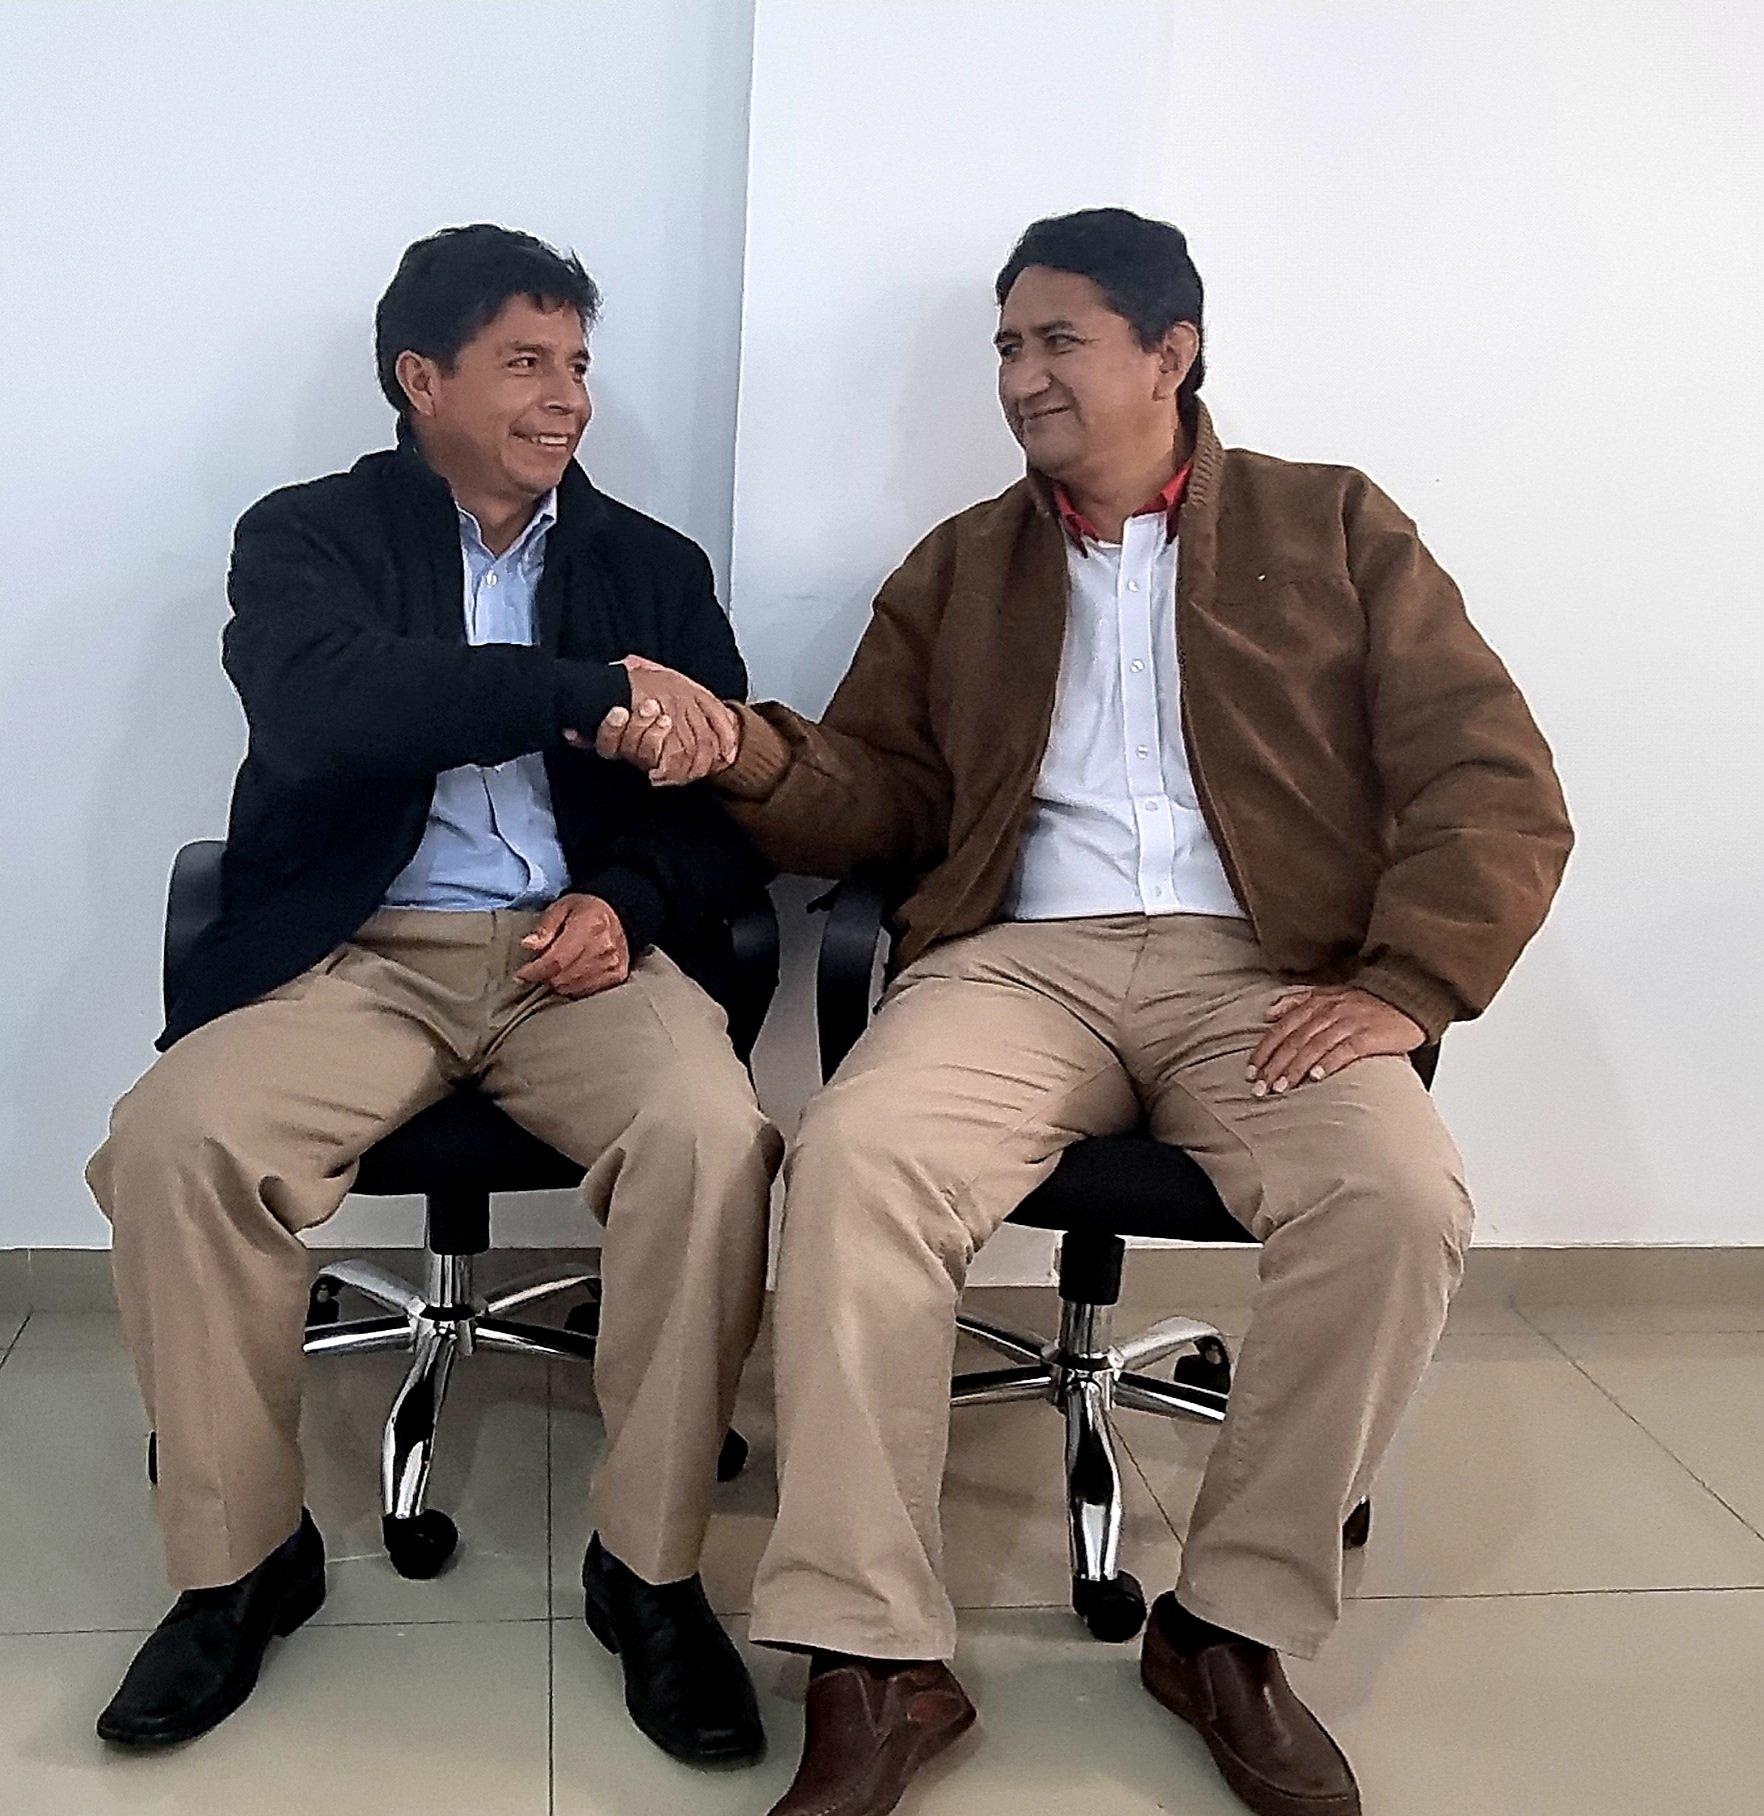 El partido Perú Libre y el nuevo presidente Por Vladimir Cerrón Rojas (*)   Facebook